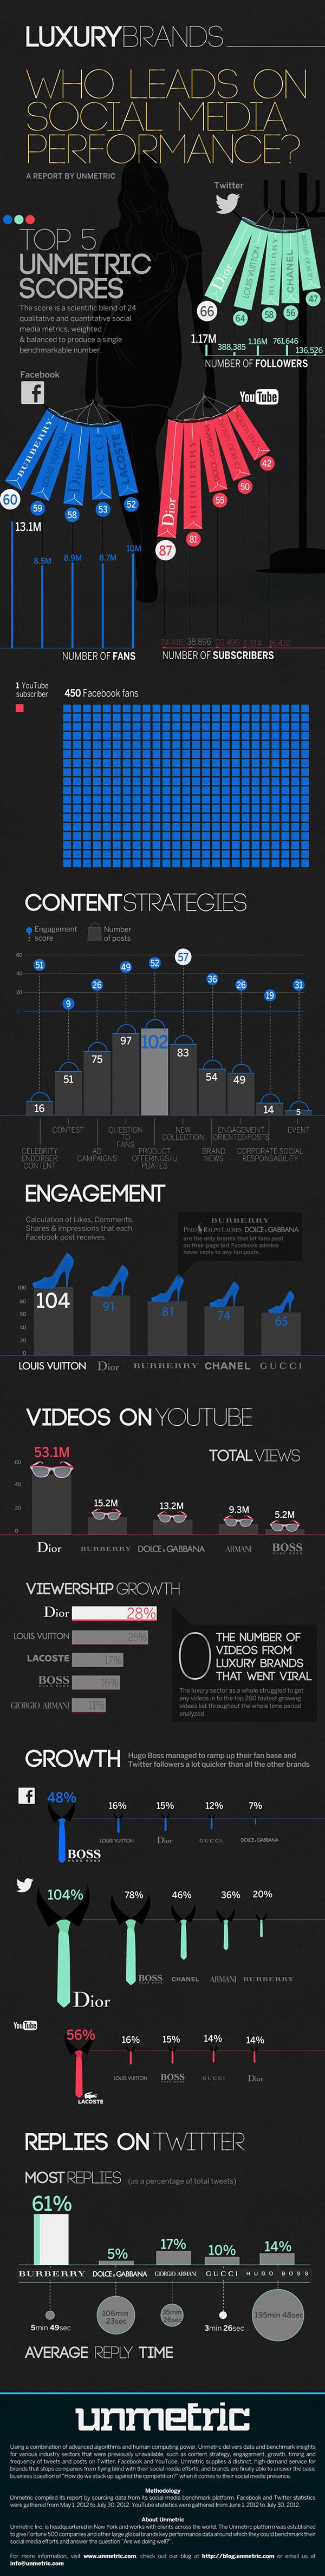 Infografía de Unmetric sobre la estrategia de las marcas de lujo en las Redes Sociales.